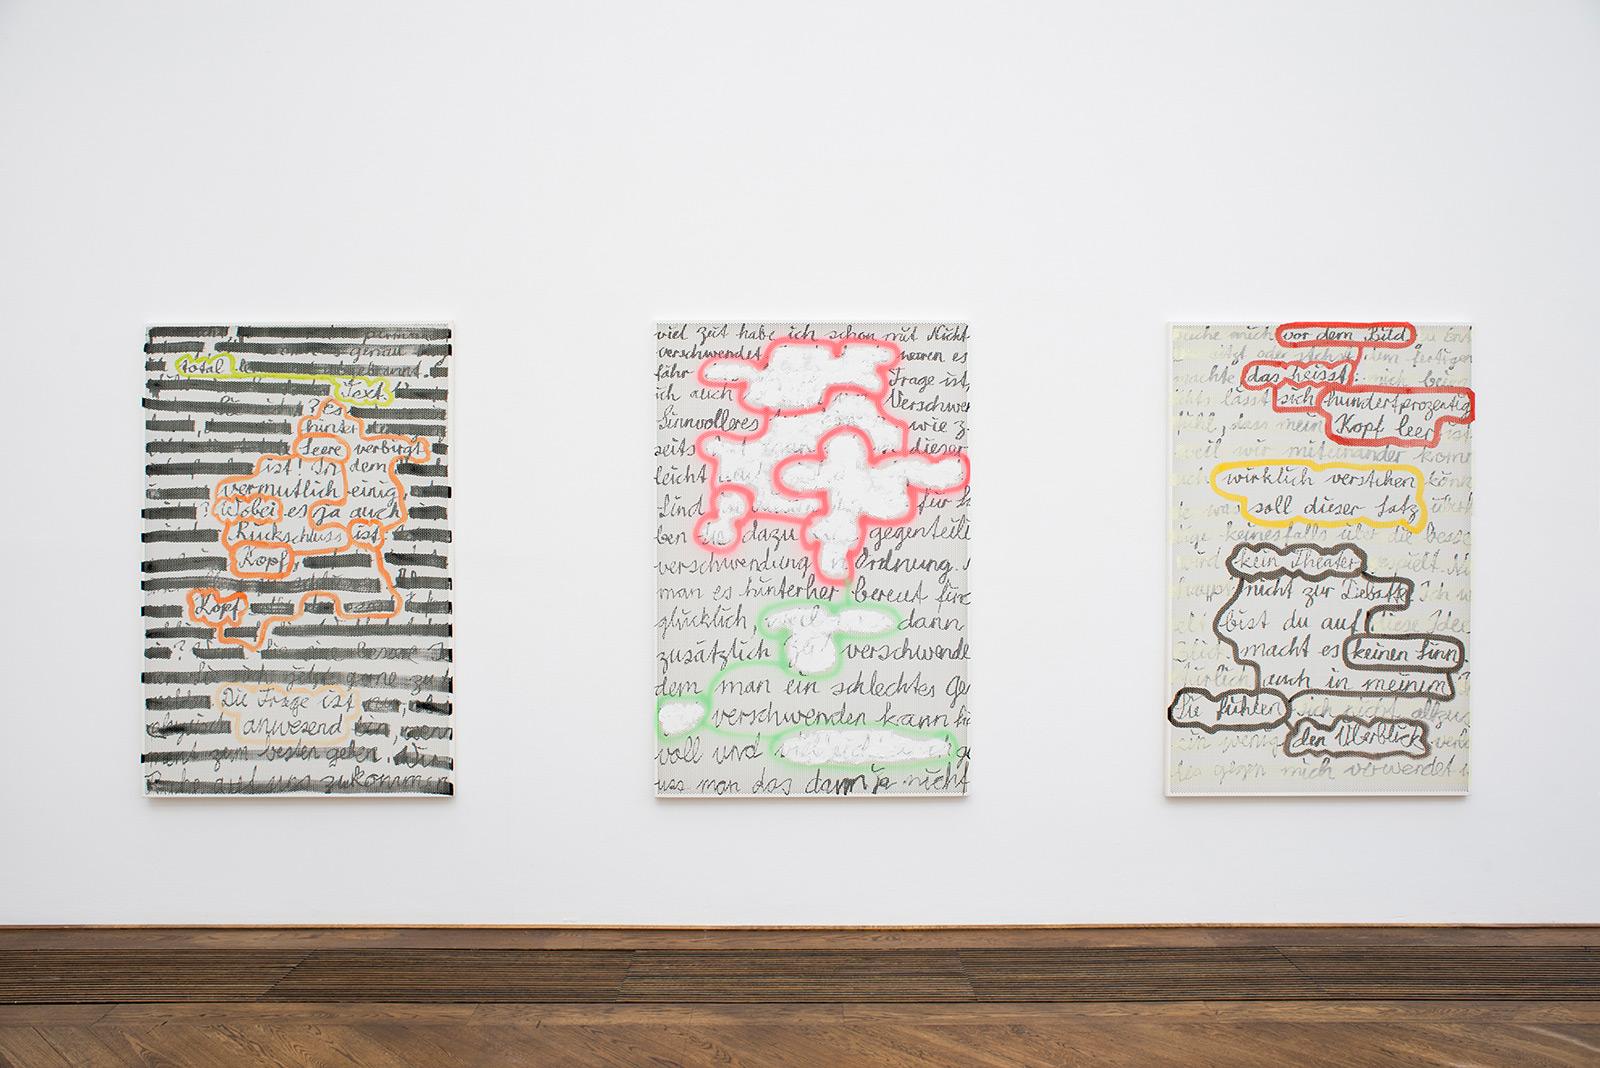 Fabio Luks «Schreiben» | Institut Kunst, Master 2016